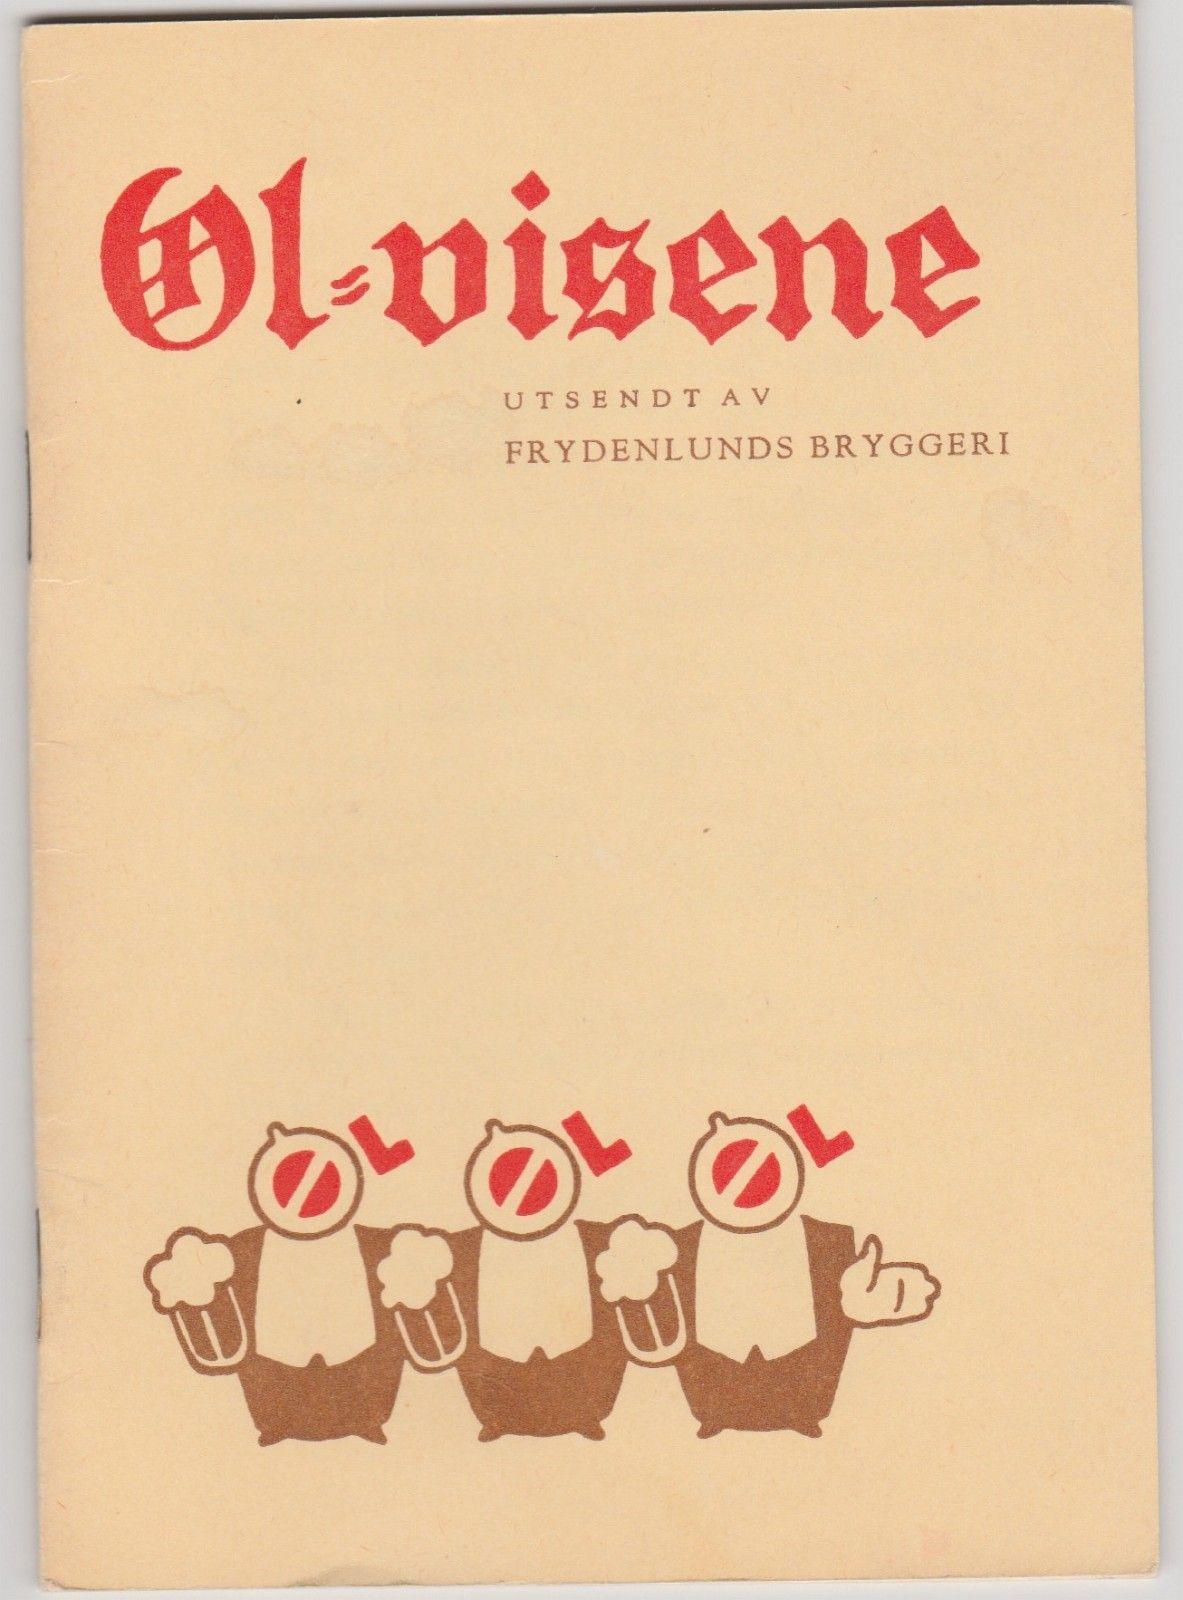 Øl-visene utsendt av Frydenlunds bryggeri - som nye - Oslo  - Paperback, 15 sider. Øl-visene utsendt av Frydenlunds Bryggeri. (fra ca 1940). Meget pent brukt, som ny.  Har flere, kr. 100,- pr. stk. - Oslo